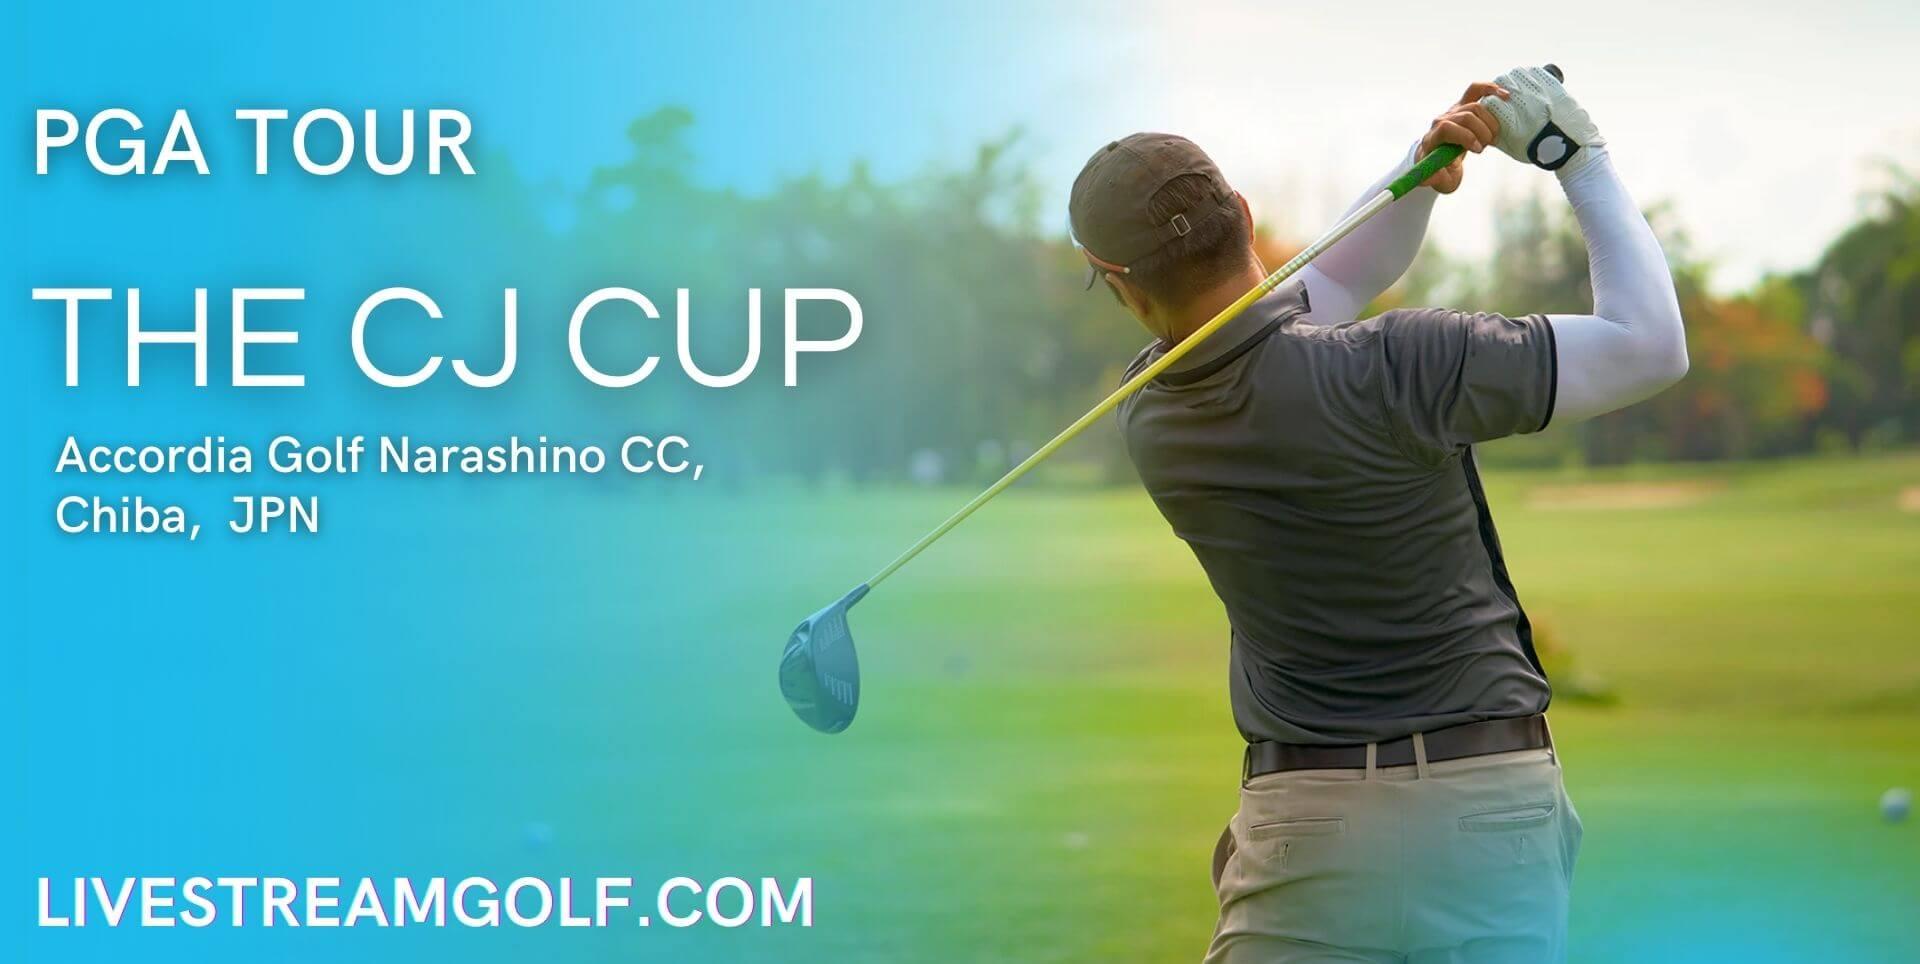 THE CJ CUP Rd 1 Live Stream: PGA Tour 2021